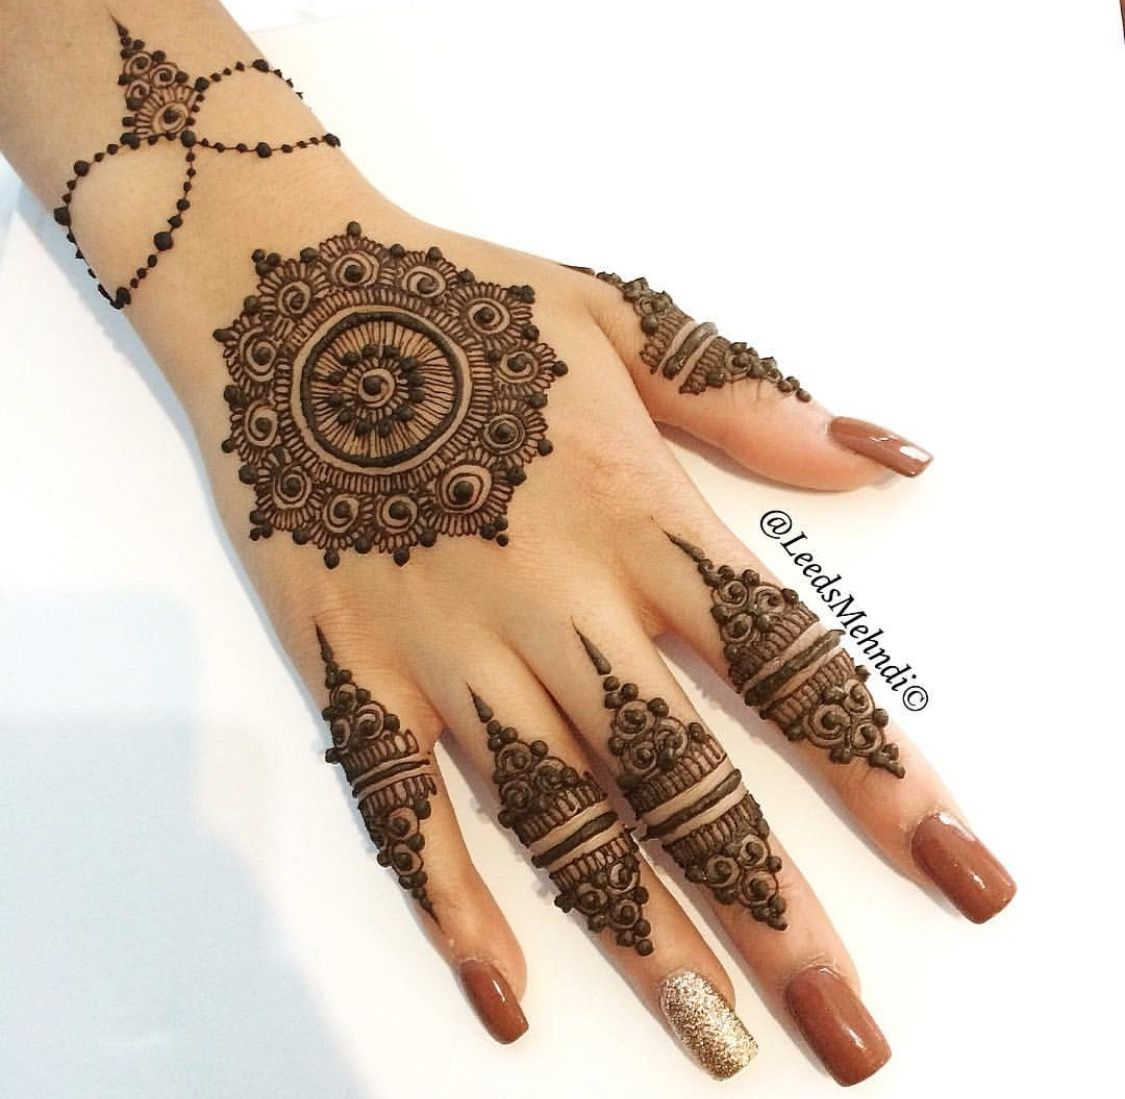 Henna Tattoo Designs Pinterest: Pinterest: Skimmedd ☾ (With Images)